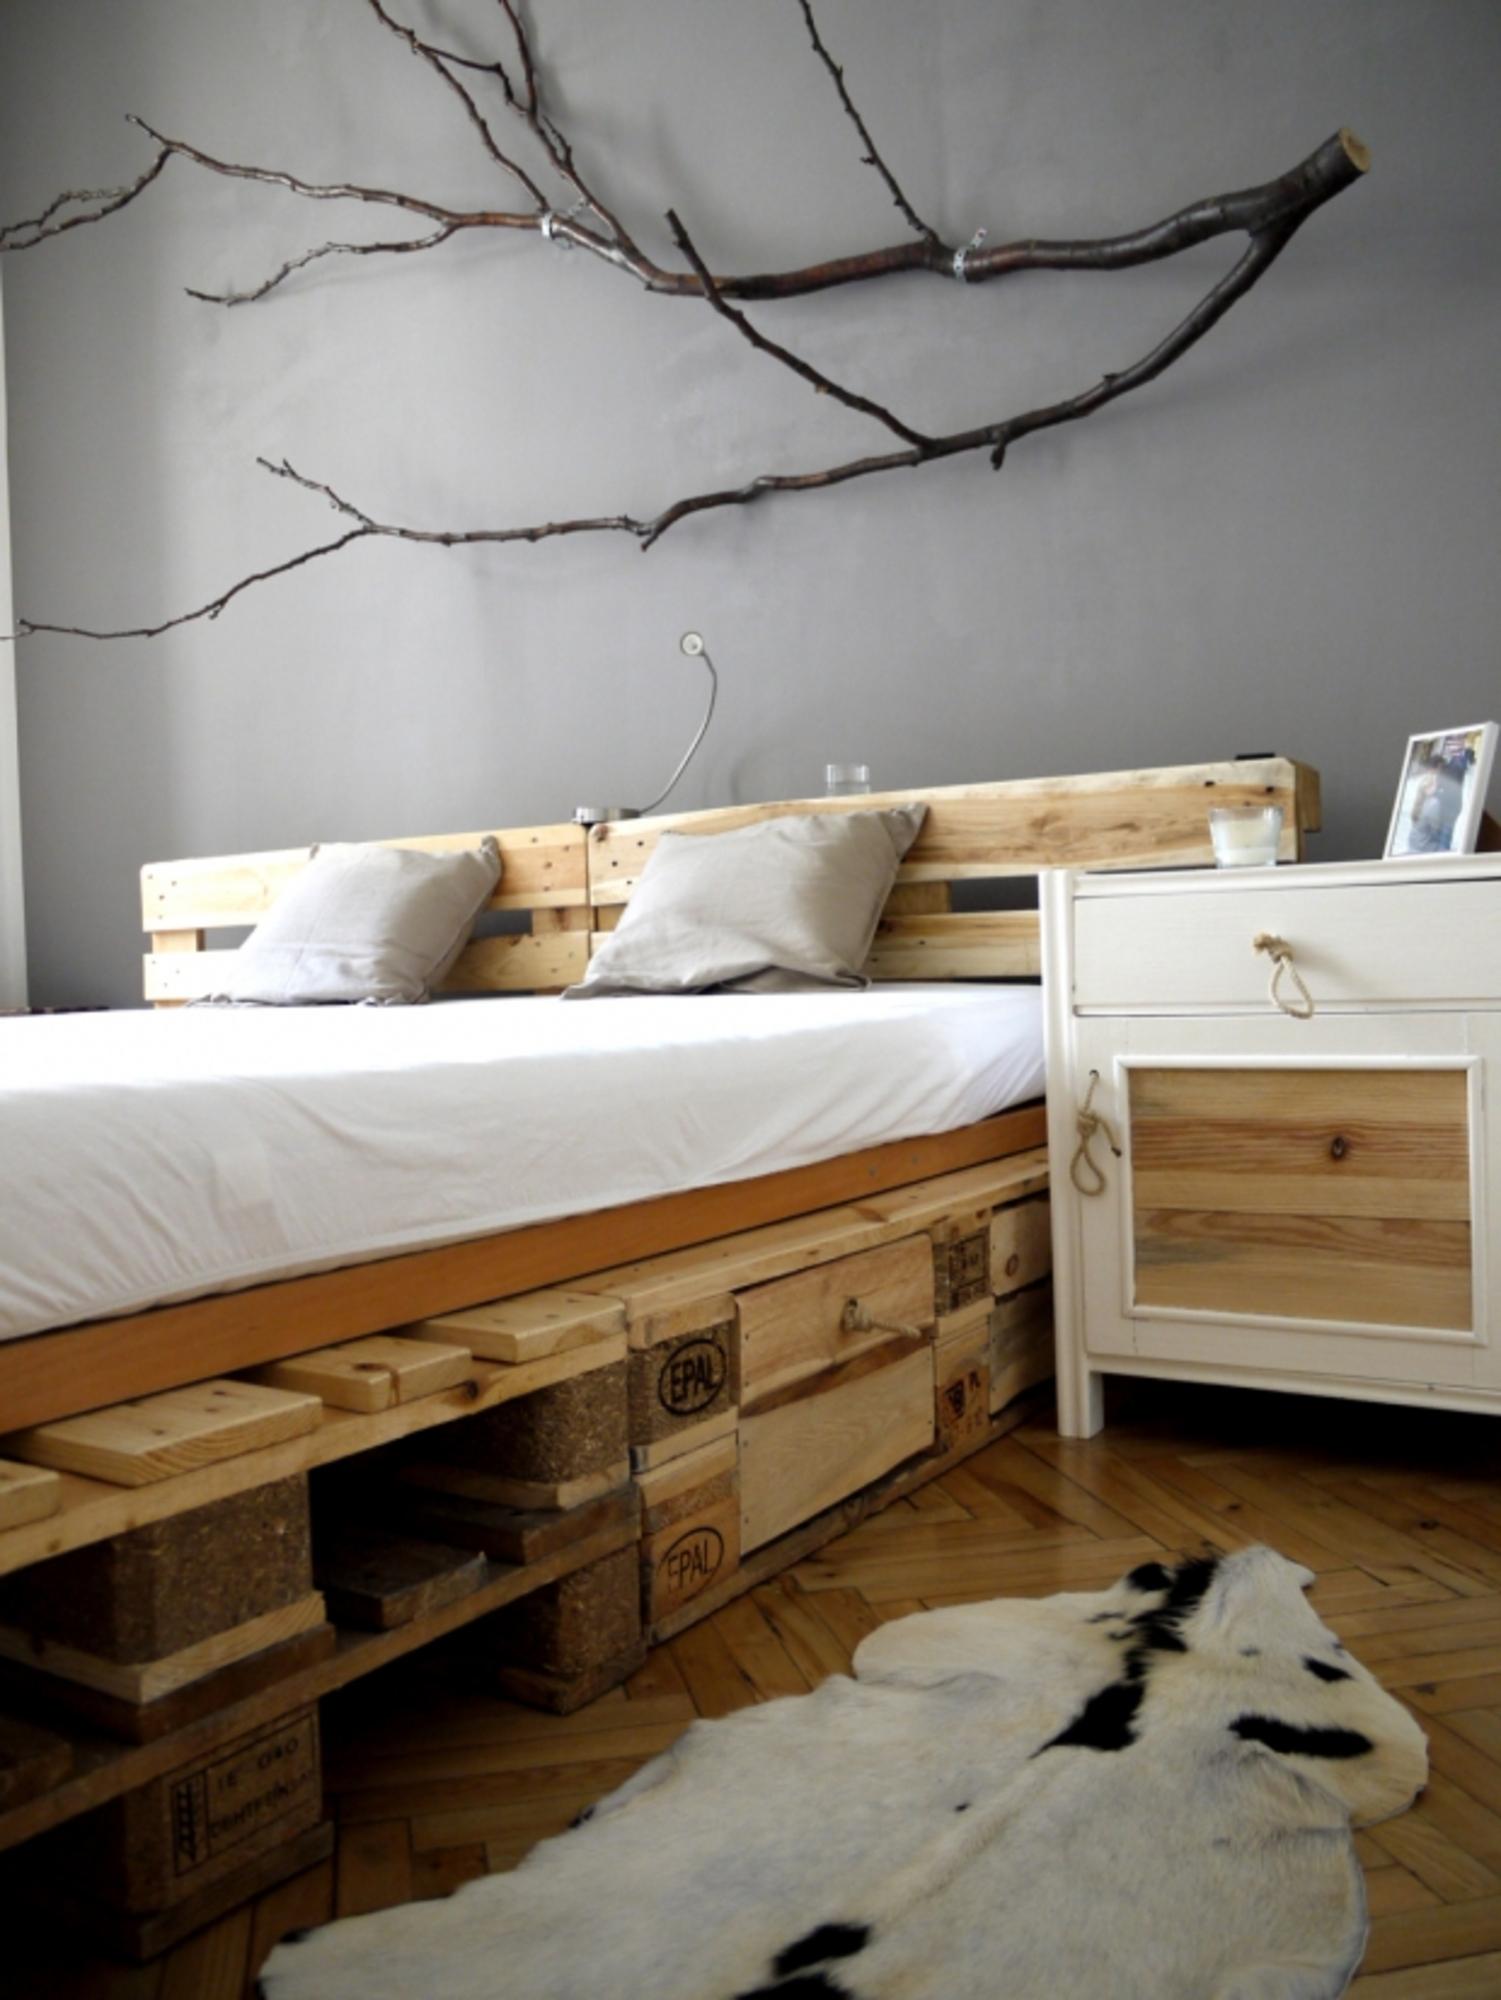 Rodzaje łóżek